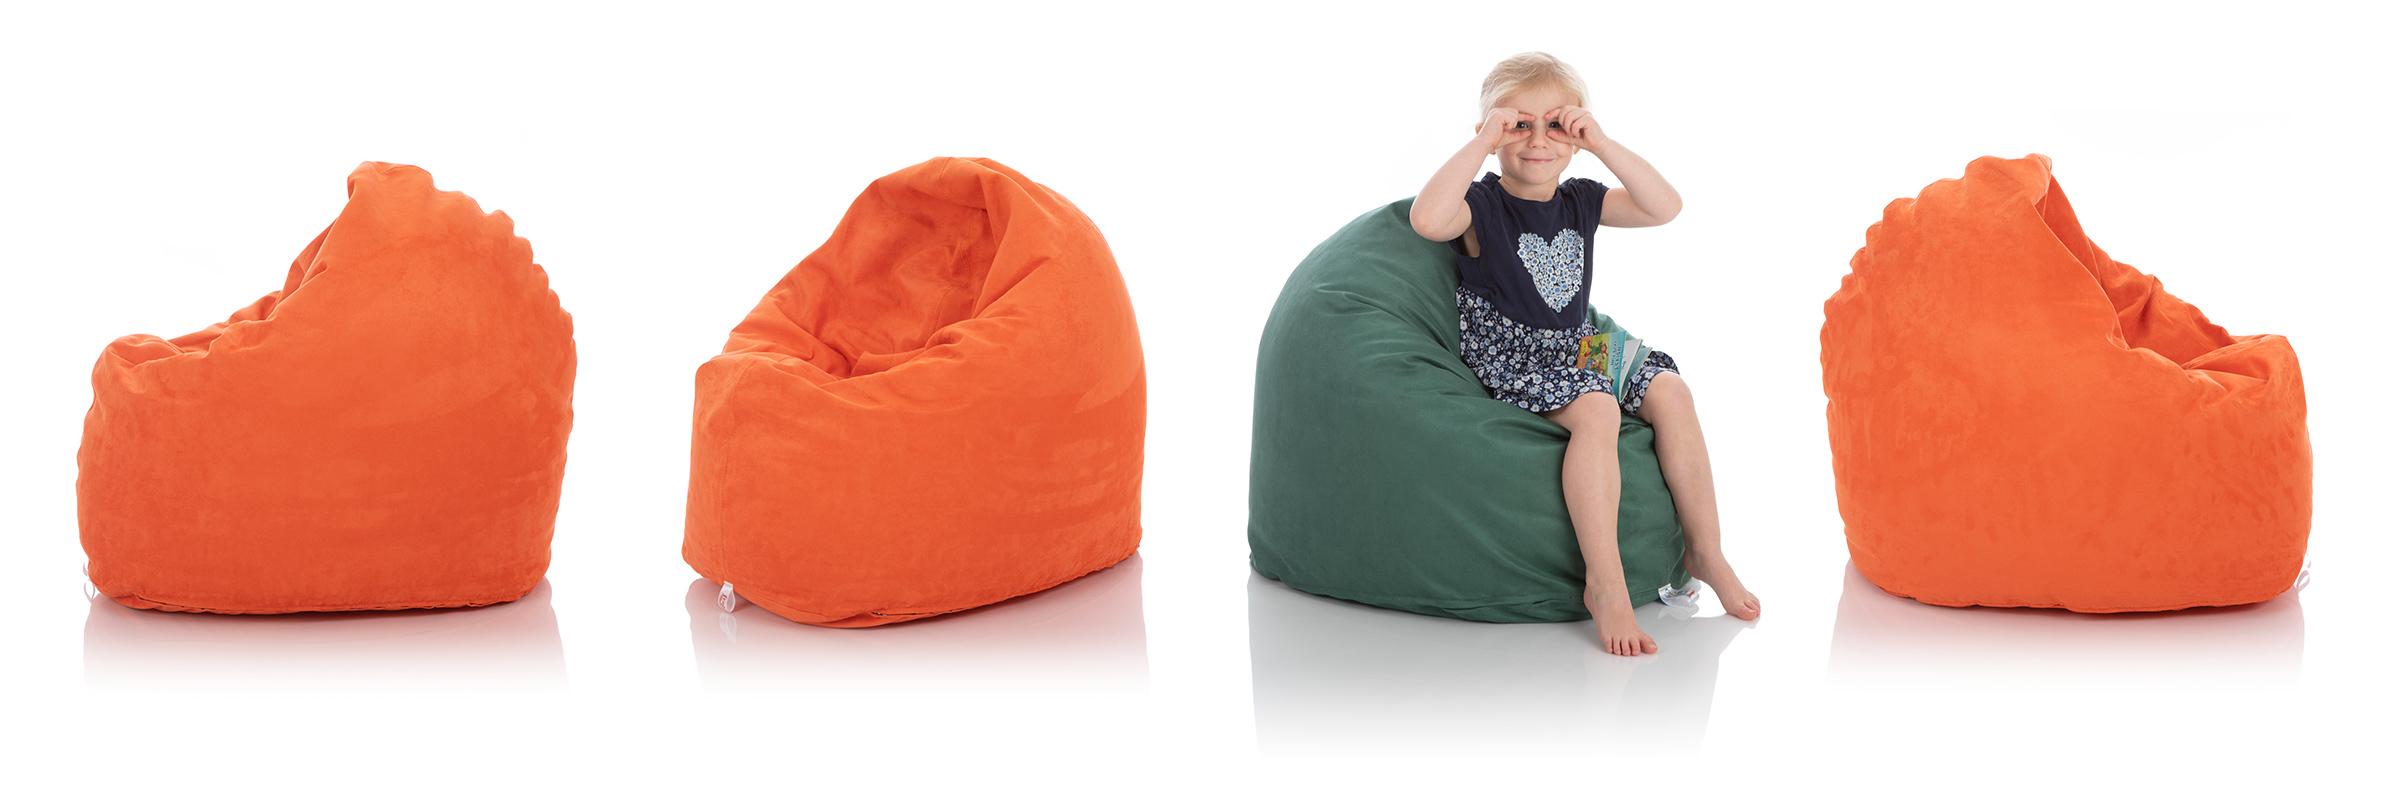 Kleines Mädchen in grünem Sitzsack umgeben von Sitzsäcken in orange für das Kinderzimmer